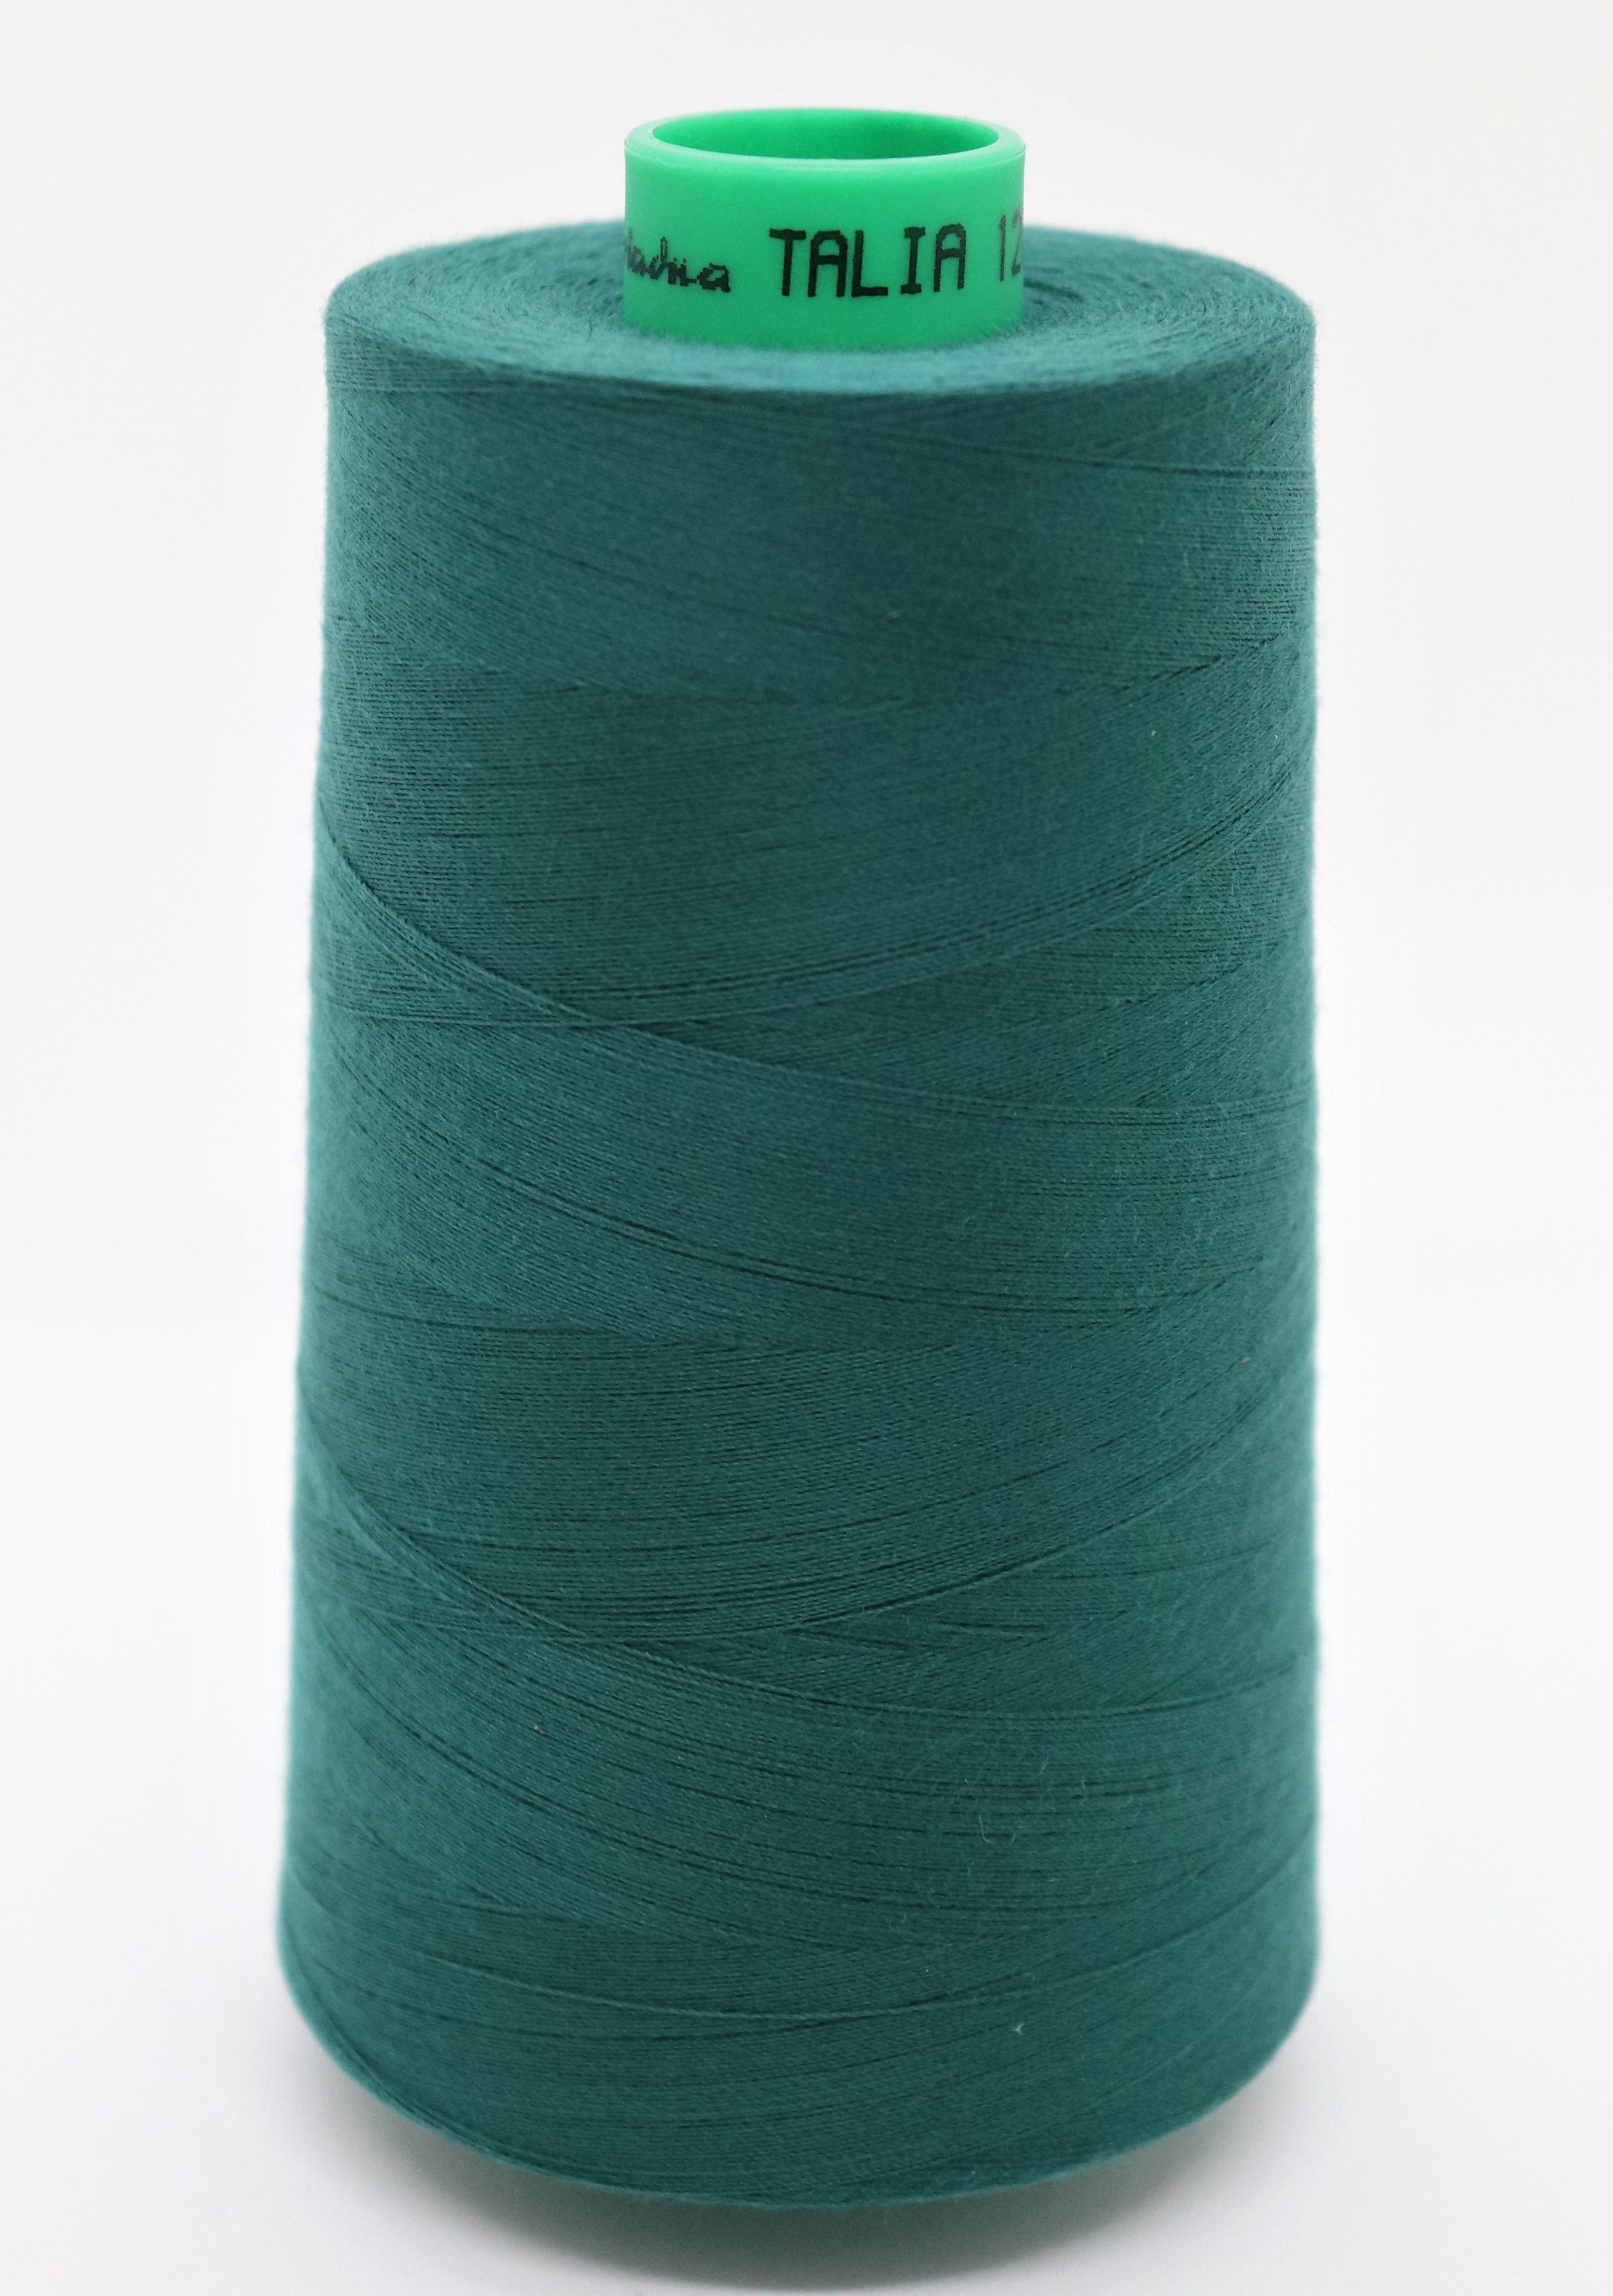 polyesterov� ni� Talia 120 - 5000m zelen� barva 0866 - zv�t�it obr�zek